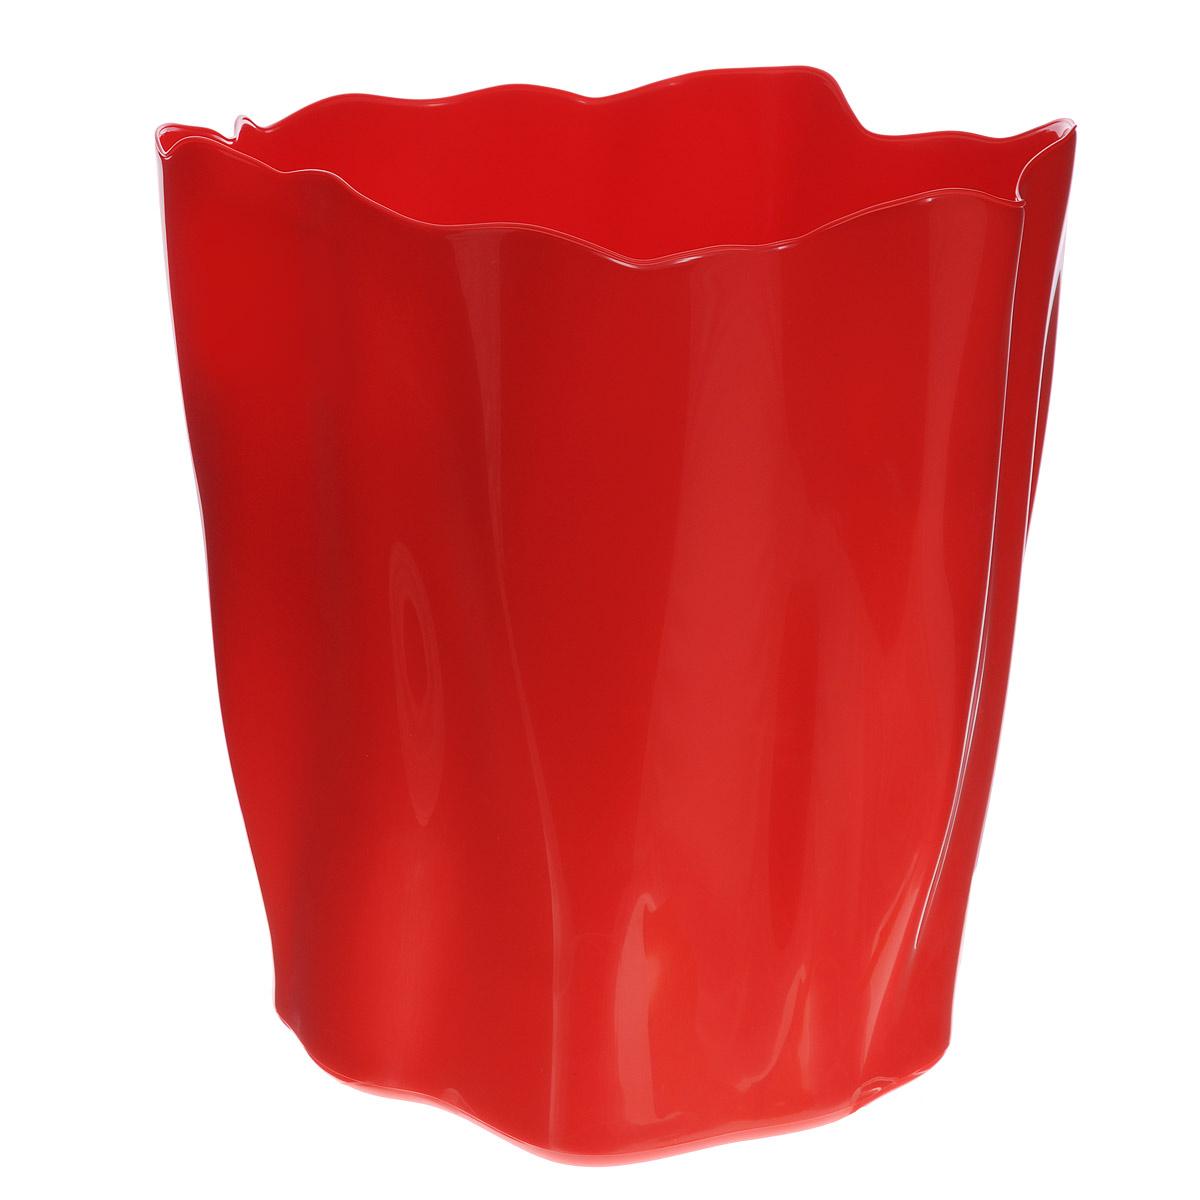 Органайзер Qualy Flow, большой, цвет: красный, диаметр 27 смQL10141-RDОрганайзер Qualy Flow может пригодиться на кухне, в ванной, в гостиной, на даче, на природе, в городе, в деревне. В него можно складывать фрукты, овощи, хлеб, кухонные приборы и аксессуары, всевозможные баночки, можно использовать органайзер как мусорную корзину, вазу. Все зависит от вашей фантазии и от хозяйственных потребностей! Пластиковый оригинальный органайзер пригодится везде!Диаметр: 27 см.Высота стенки: 28 см.